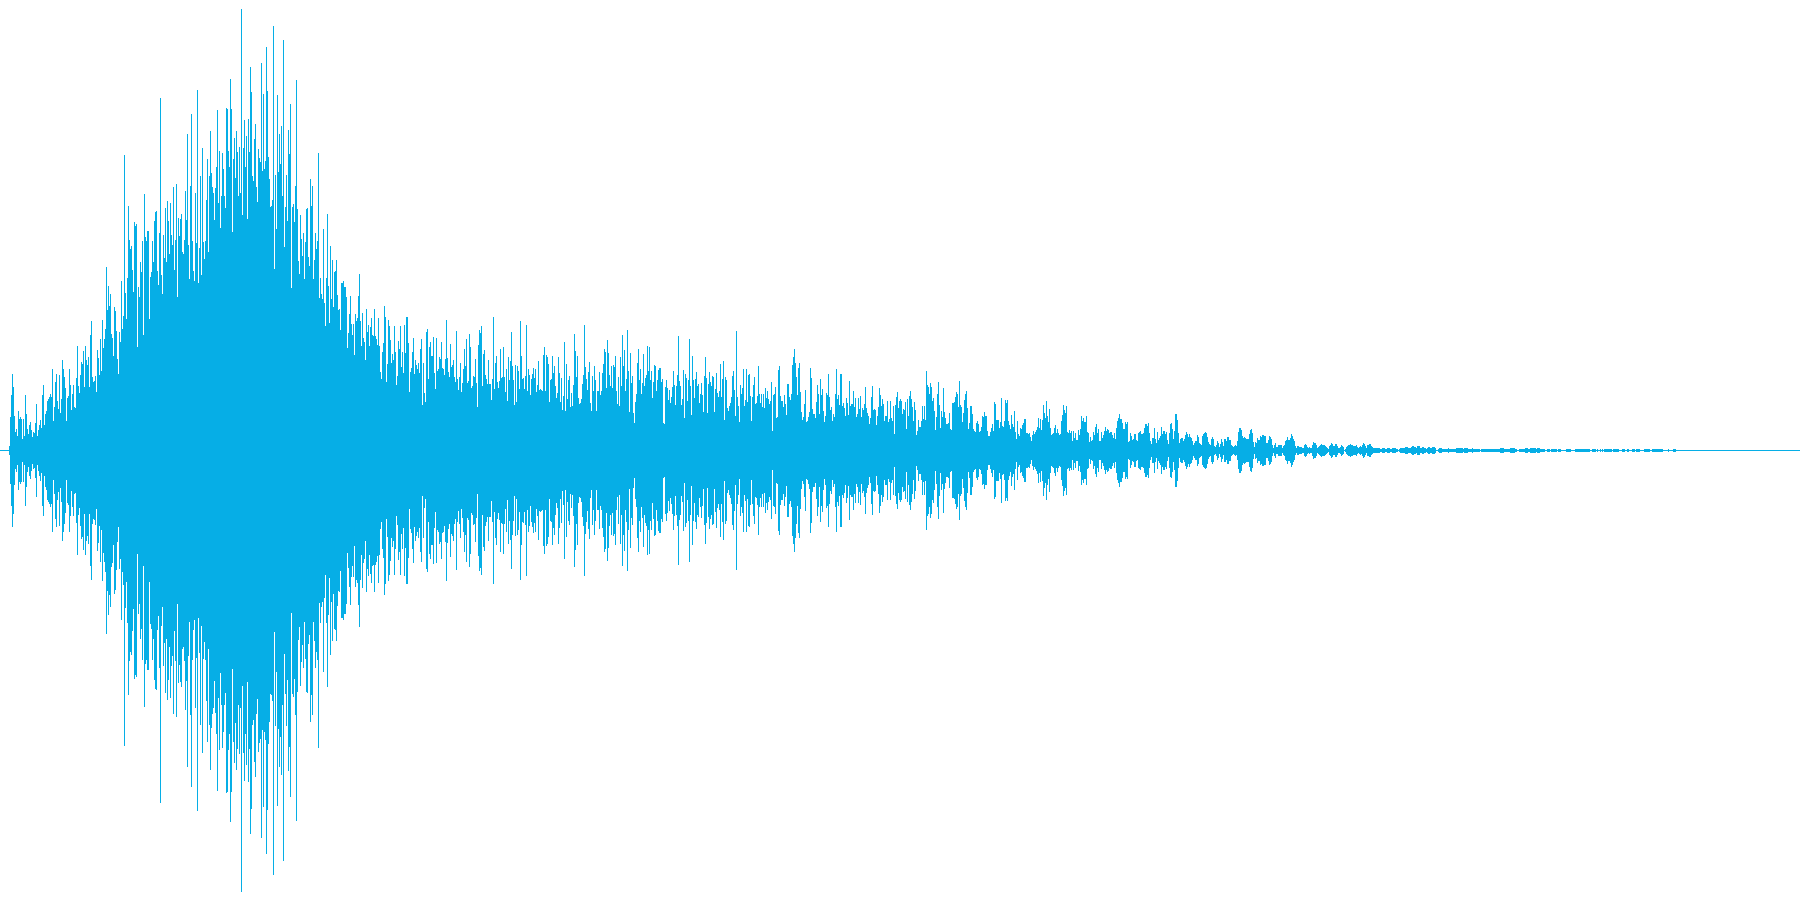 強く吹く風の効果音(風魔法、シンセ)の再生済みの波形